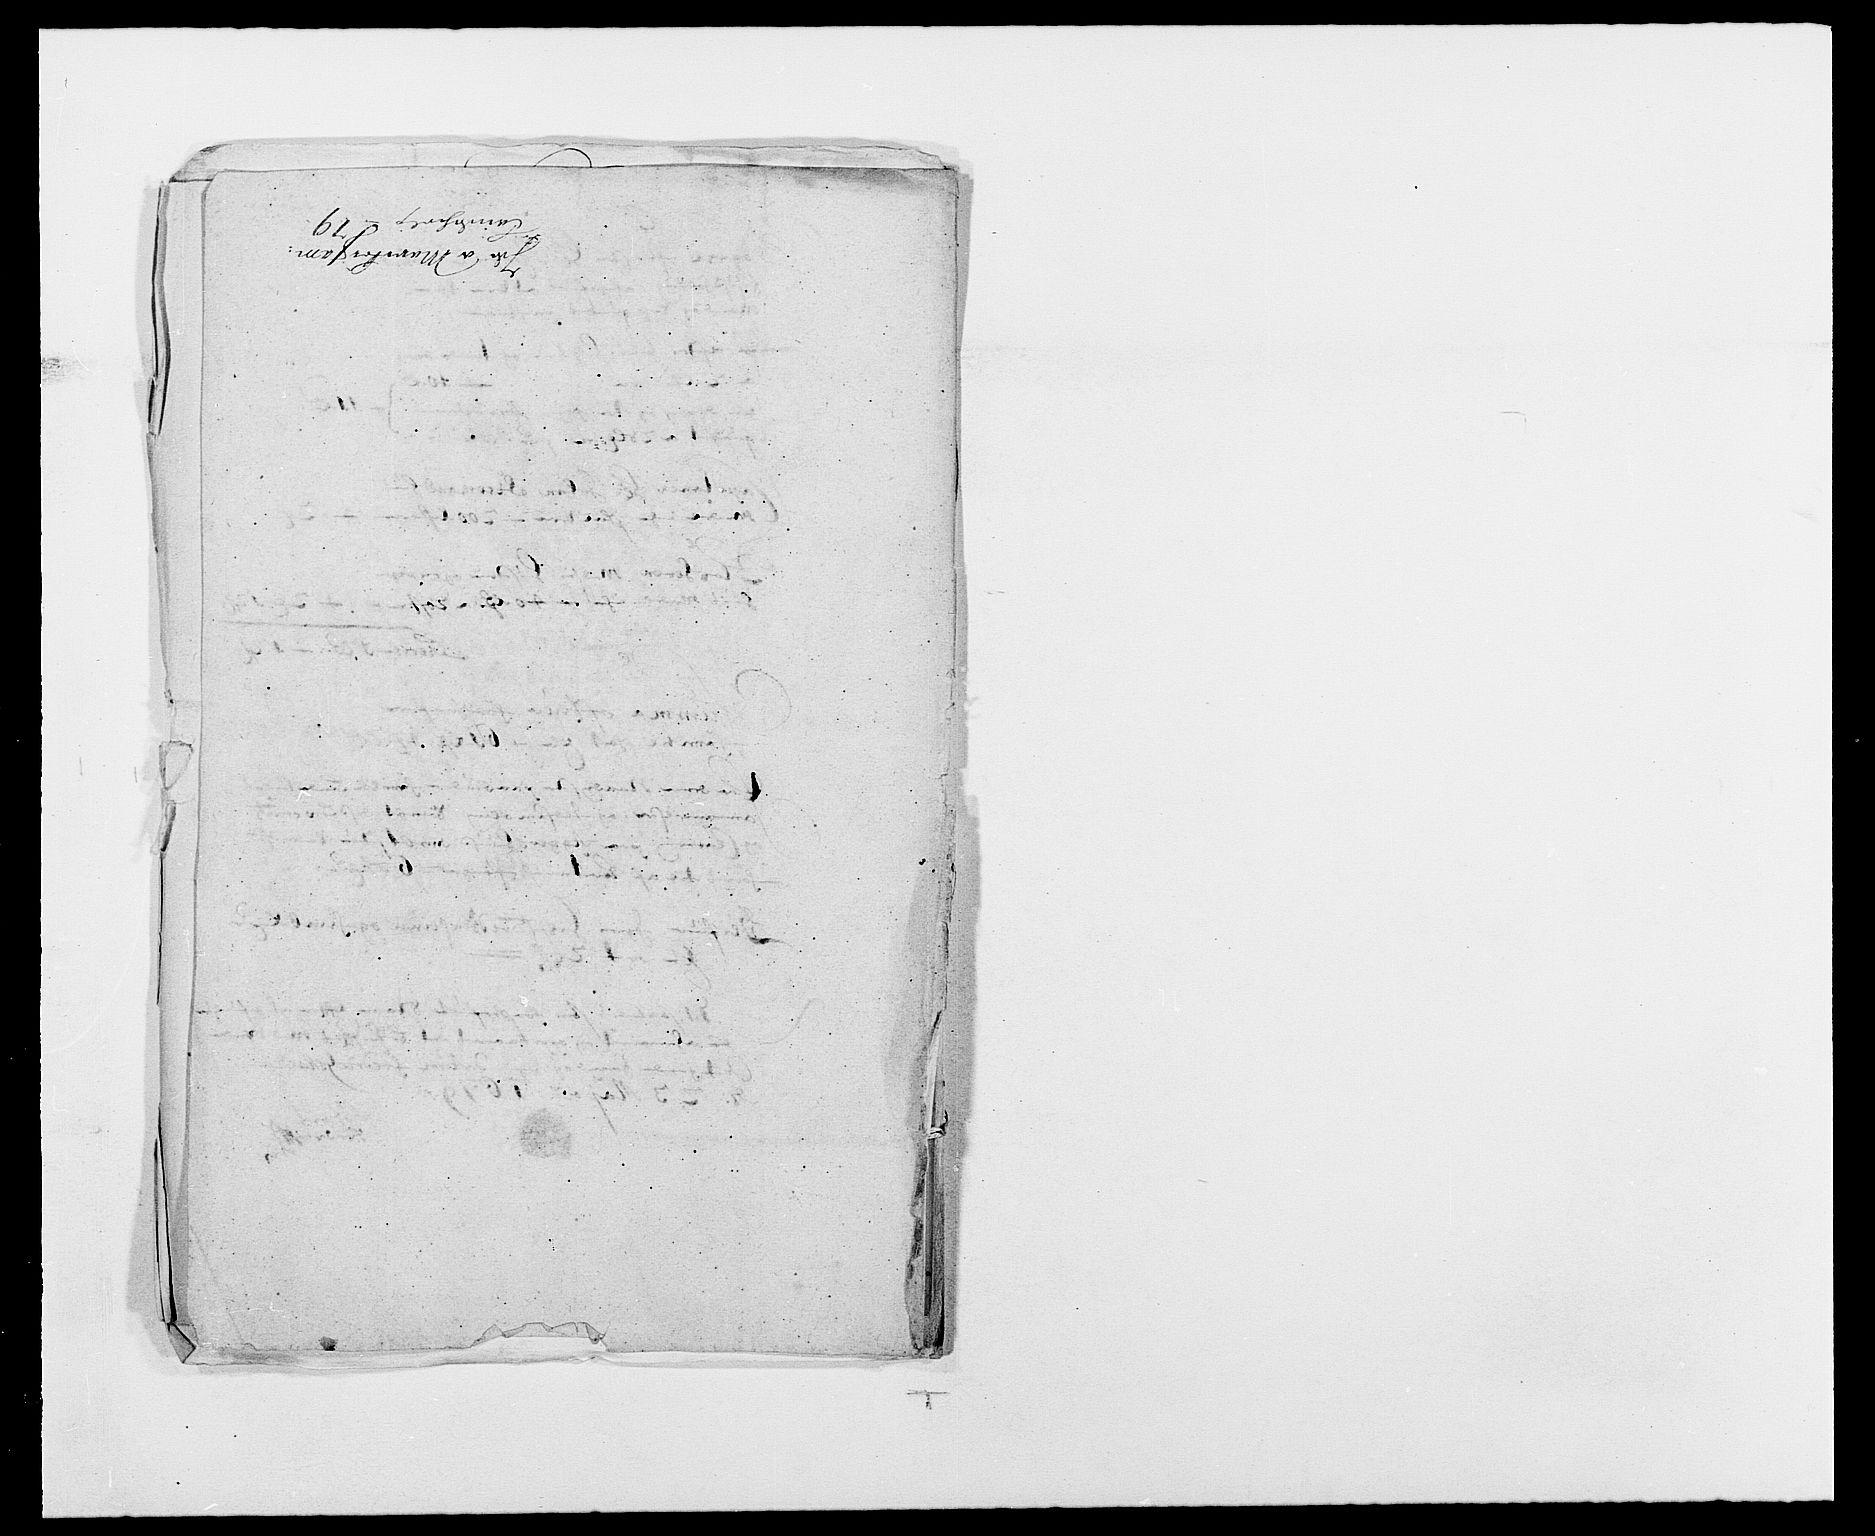 RA, Rentekammeret inntil 1814, Reviderte regnskaper, Fogderegnskap, R01/L0001: Fogderegnskap Idd og Marker, 1678-1679, s. 230